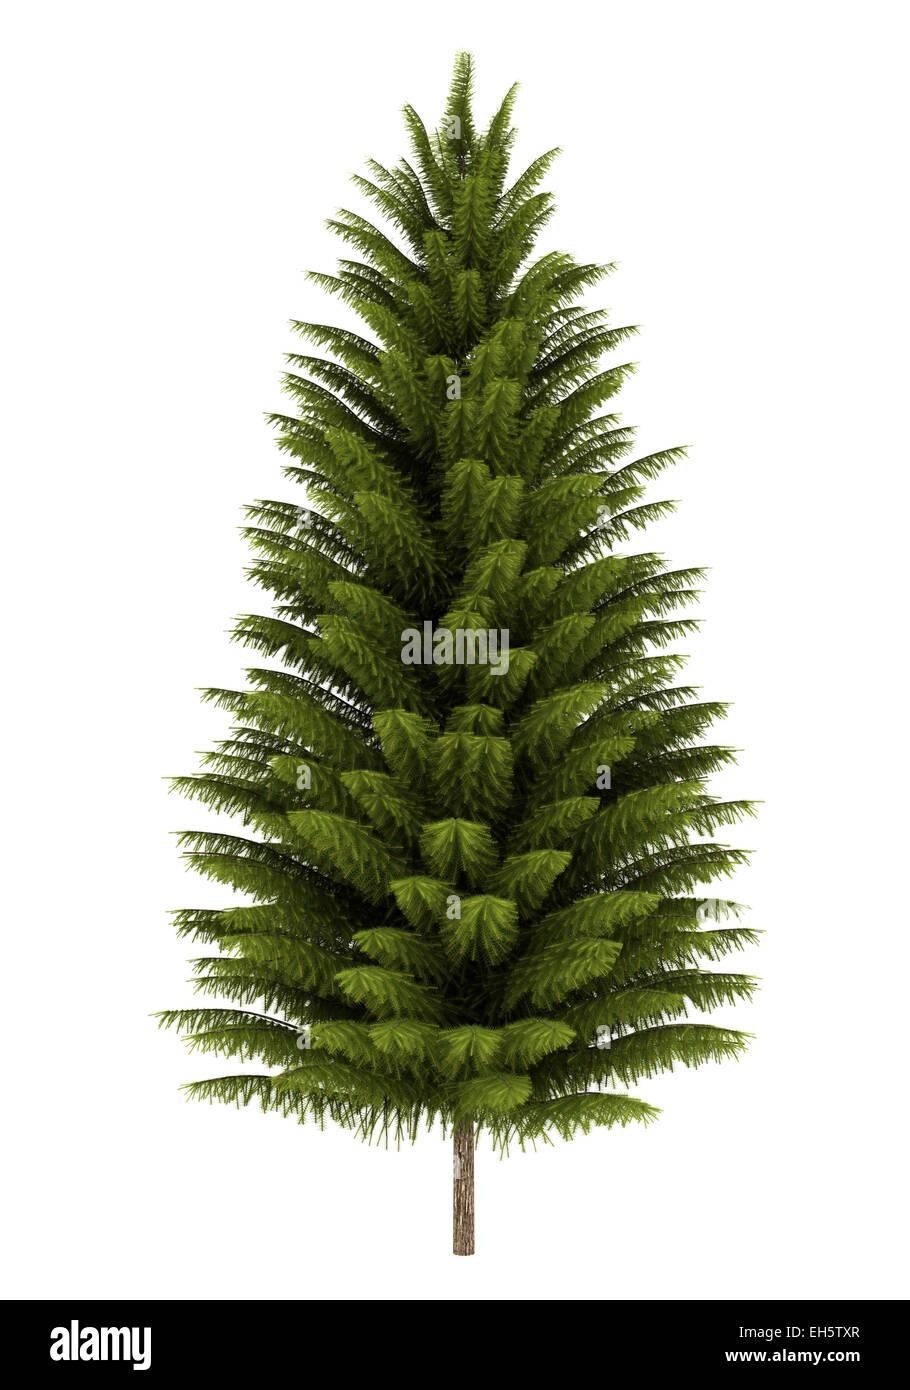 norway spruce tree isolated on white background - Stock Image